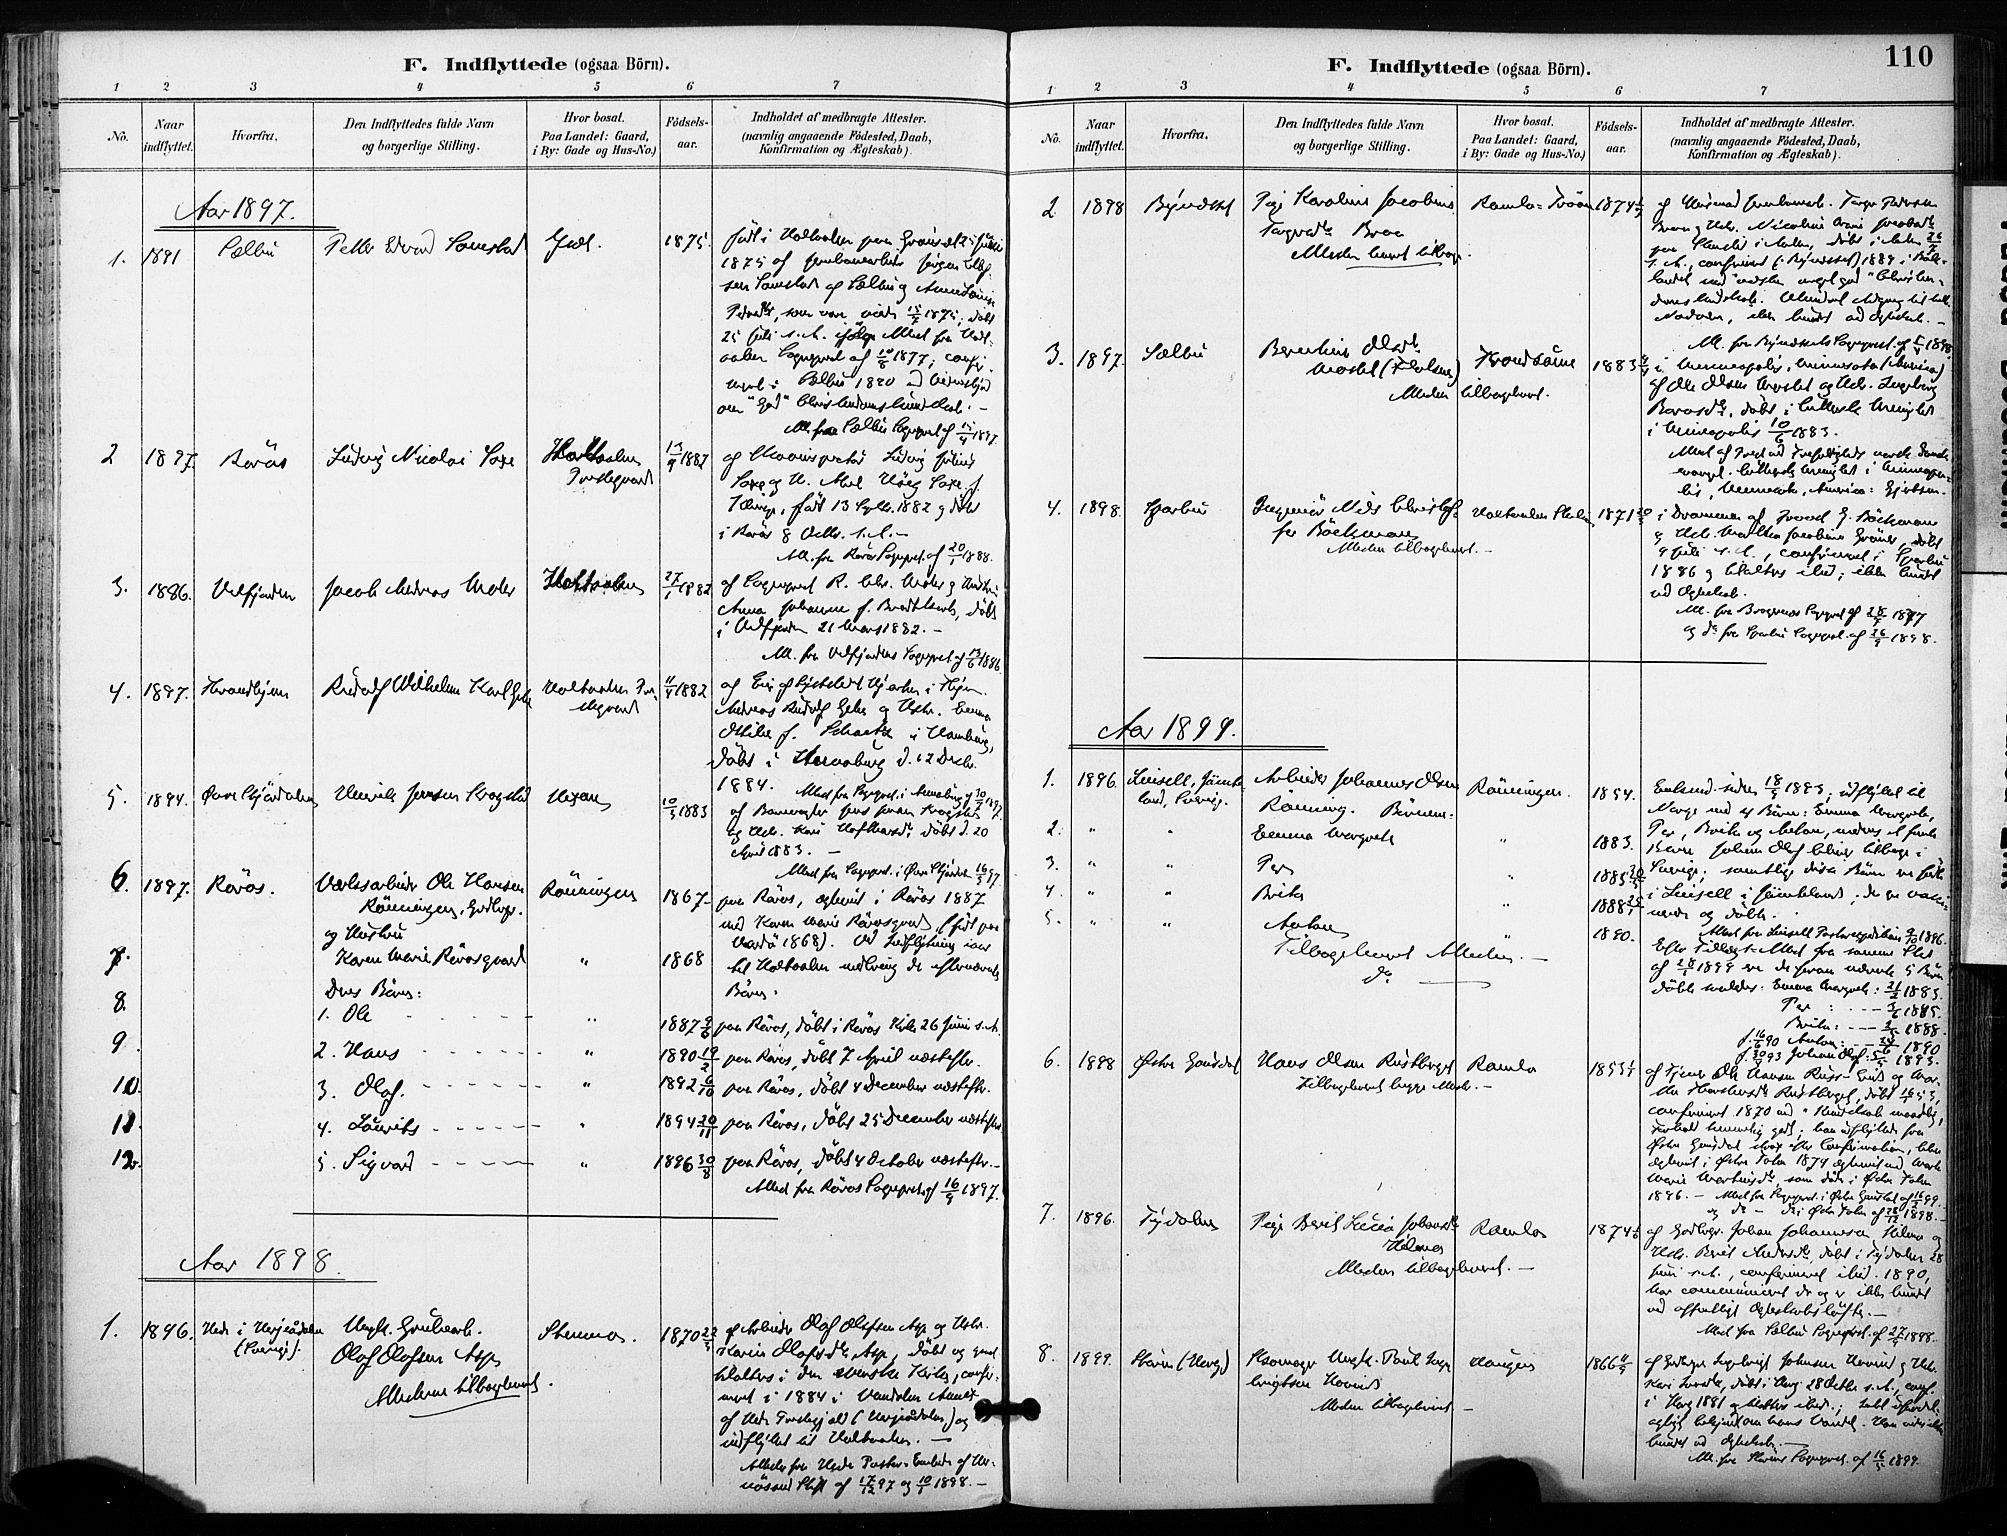 SAT, Ministerialprotokoller, klokkerbøker og fødselsregistre - Sør-Trøndelag, 685/L0973: Ministerialbok nr. 685A10, 1891-1907, s. 110